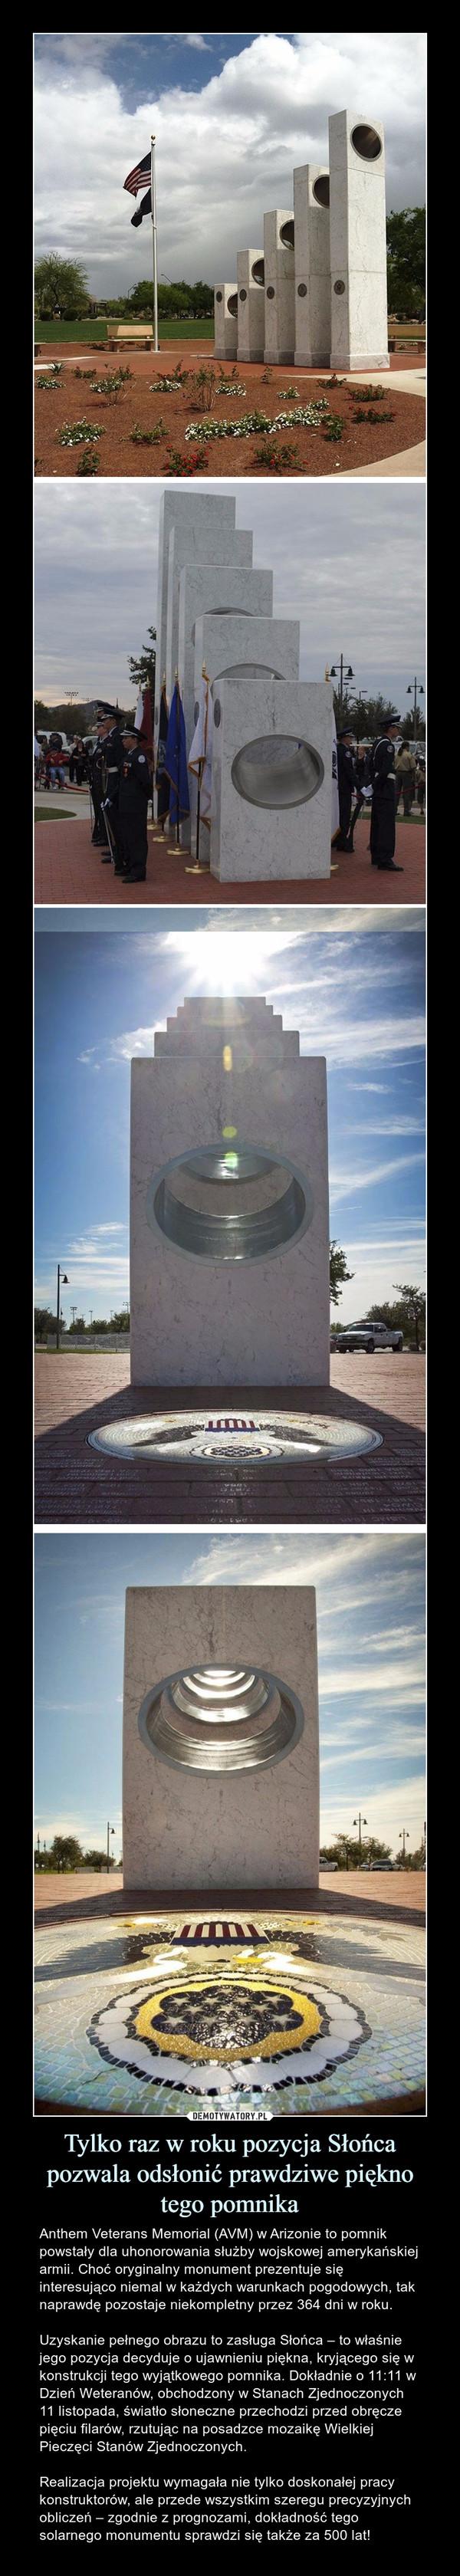 Tylko raz w roku pozycja Słońca pozwala odsłonić prawdziwe pięknotego pomnika – Anthem Veterans Memorial (AVM) w Arizonie to pomnik powstały dla uhonorowania służby wojskowej amerykańskiej armii. Choć oryginalny monument prezentuje się interesująco niemal w każdych warunkach pogodowych, tak naprawdę pozostaje niekompletny przez 364 dni w roku. Uzyskanie pełnego obrazu to zasługa Słońca – to właśnie jego pozycja decyduje o ujawnieniu piękna, kryjącego się w konstrukcji tego wyjątkowego pomnika. Dokładnie o 11:11 w Dzień Weteranów, obchodzony w Stanach Zjednoczonych 11 listopada, światło słoneczne przechodzi przed obręcze pięciu filarów, rzutując na posadzce mozaikę Wielkiej Pieczęci Stanów Zjednoczonych.Realizacja projektu wymagała nie tylko doskonałej pracy konstruktorów, ale przede wszystkim szeregu precyzyjnych obliczeń – zgodnie z prognozami, dokładność tego solarnego monumentu sprawdzi się także za 500 lat!